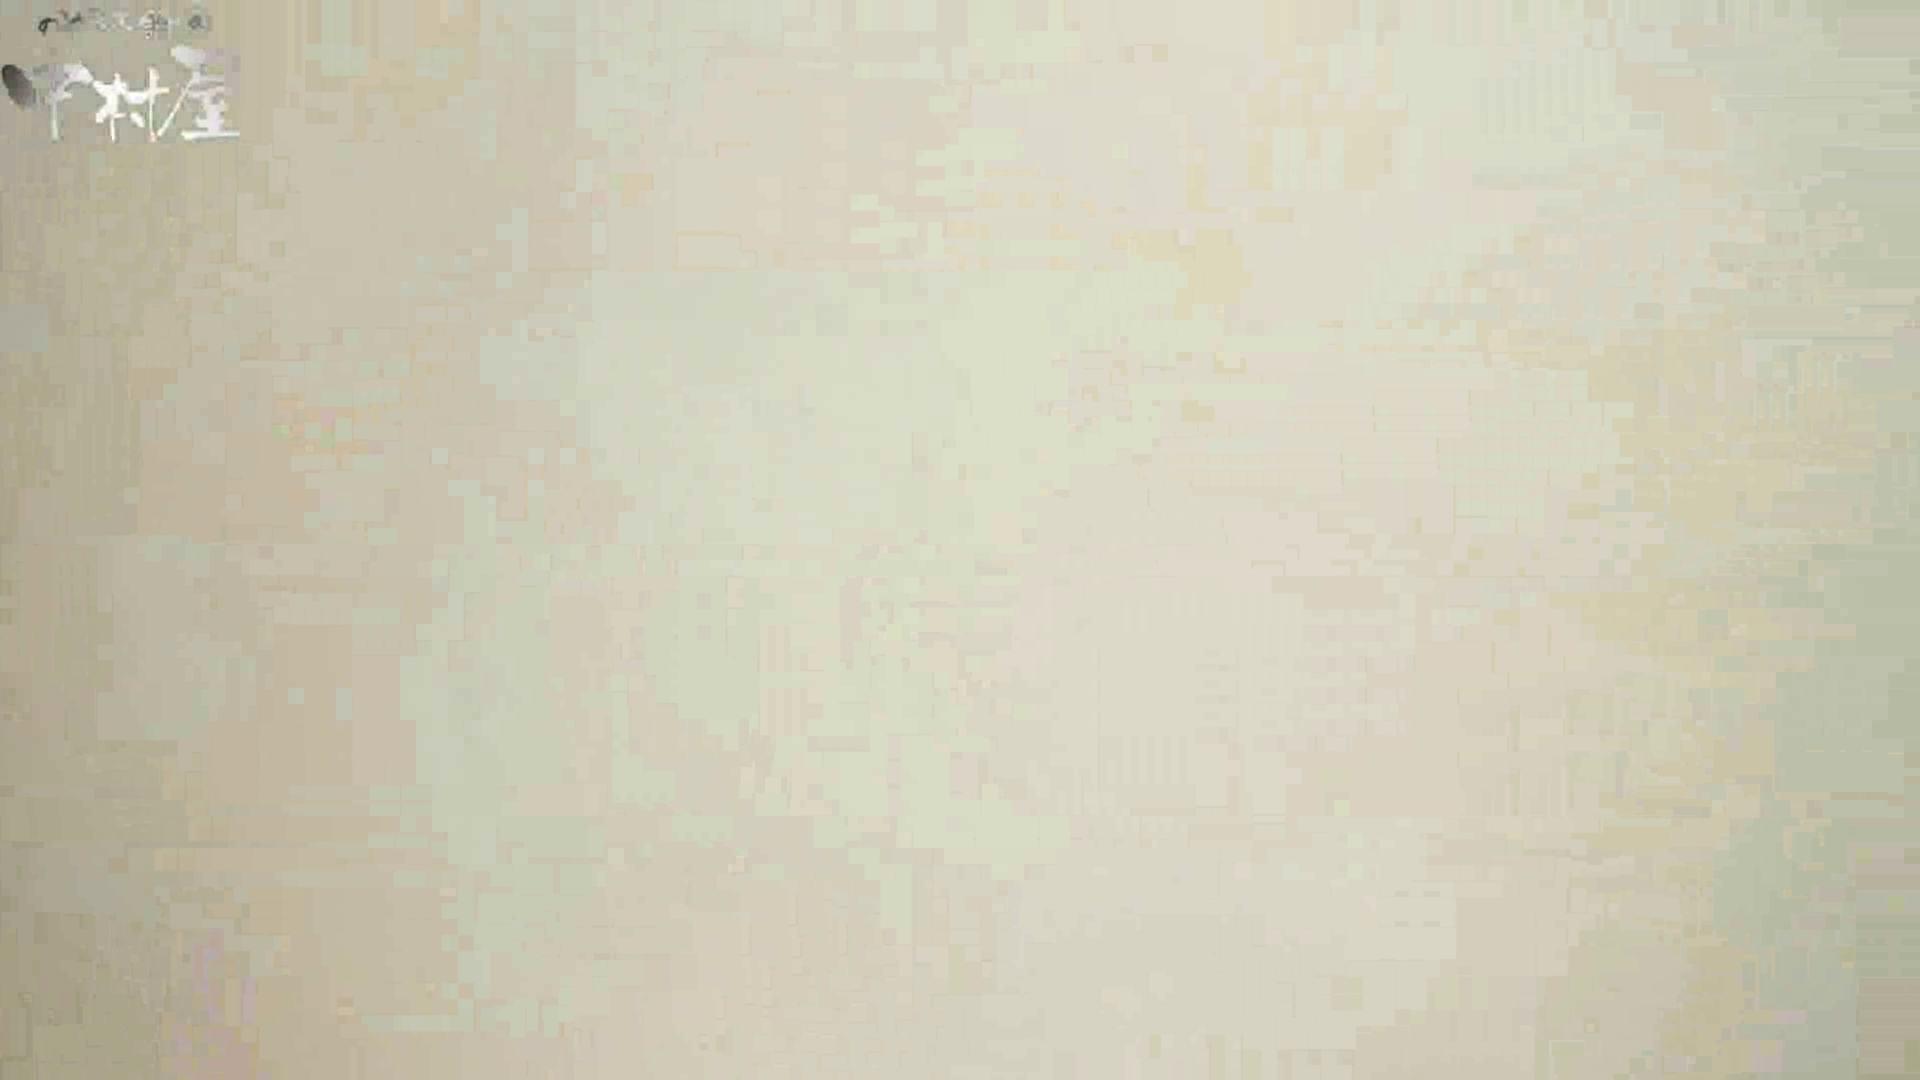 解禁!海の家4カメ洗面所vol.19 洗面所突入 | 現役ギャル  78pic 13